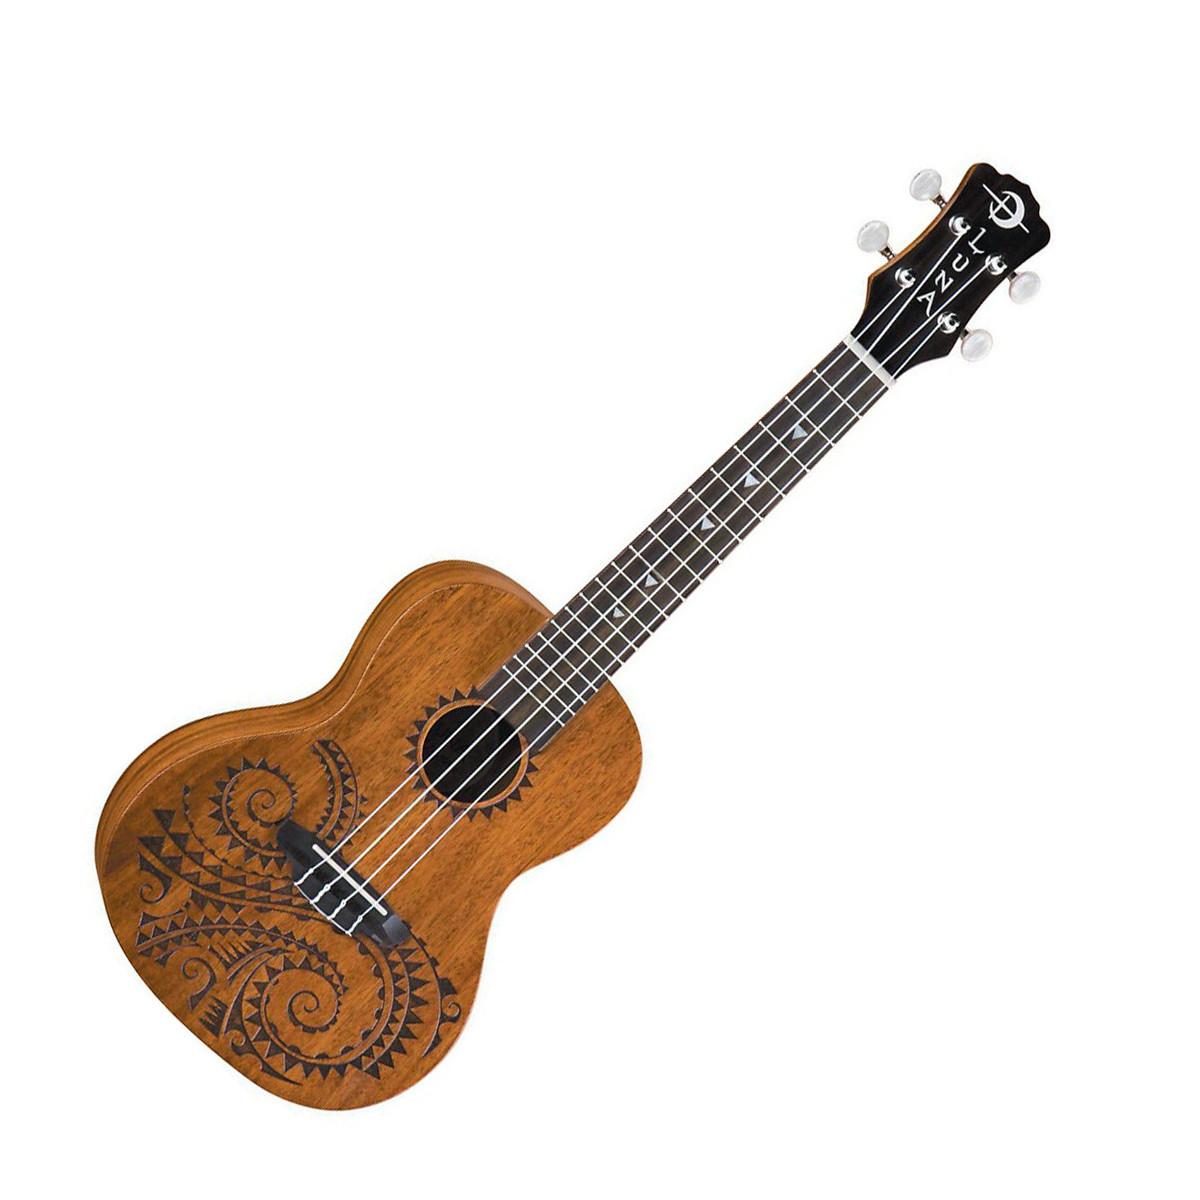 Luna tattoo concert ukulele housse for Housse ukulele concert